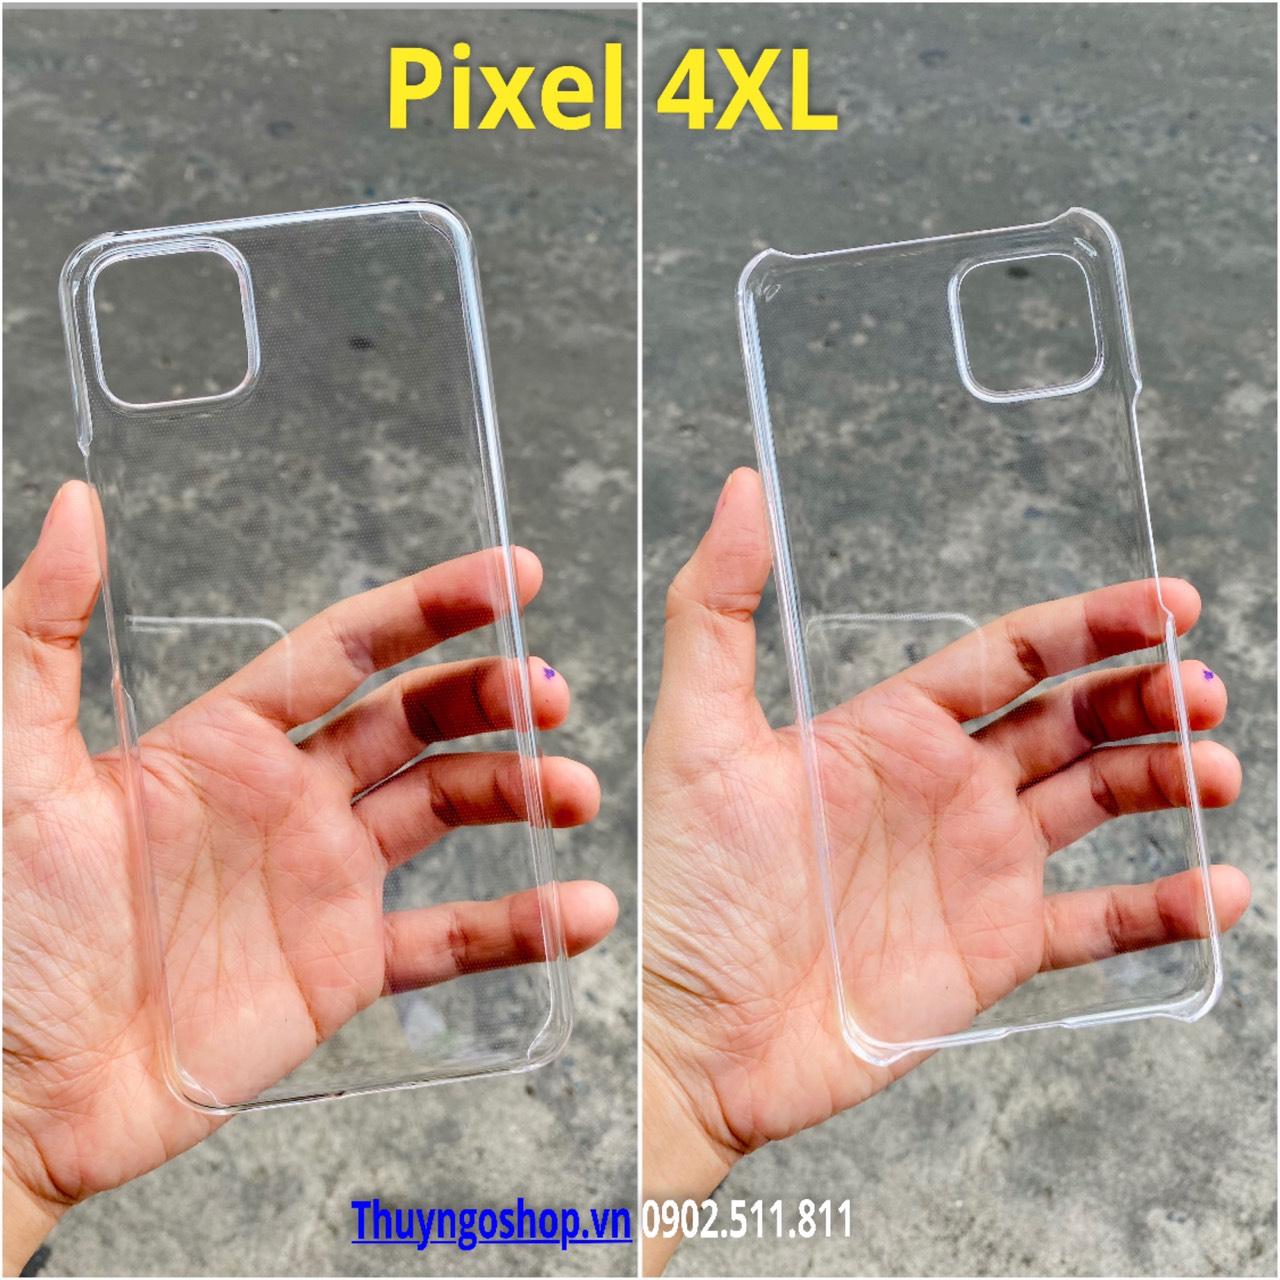 Ốp cứng siêu trong suốt Google Pixel 4XL